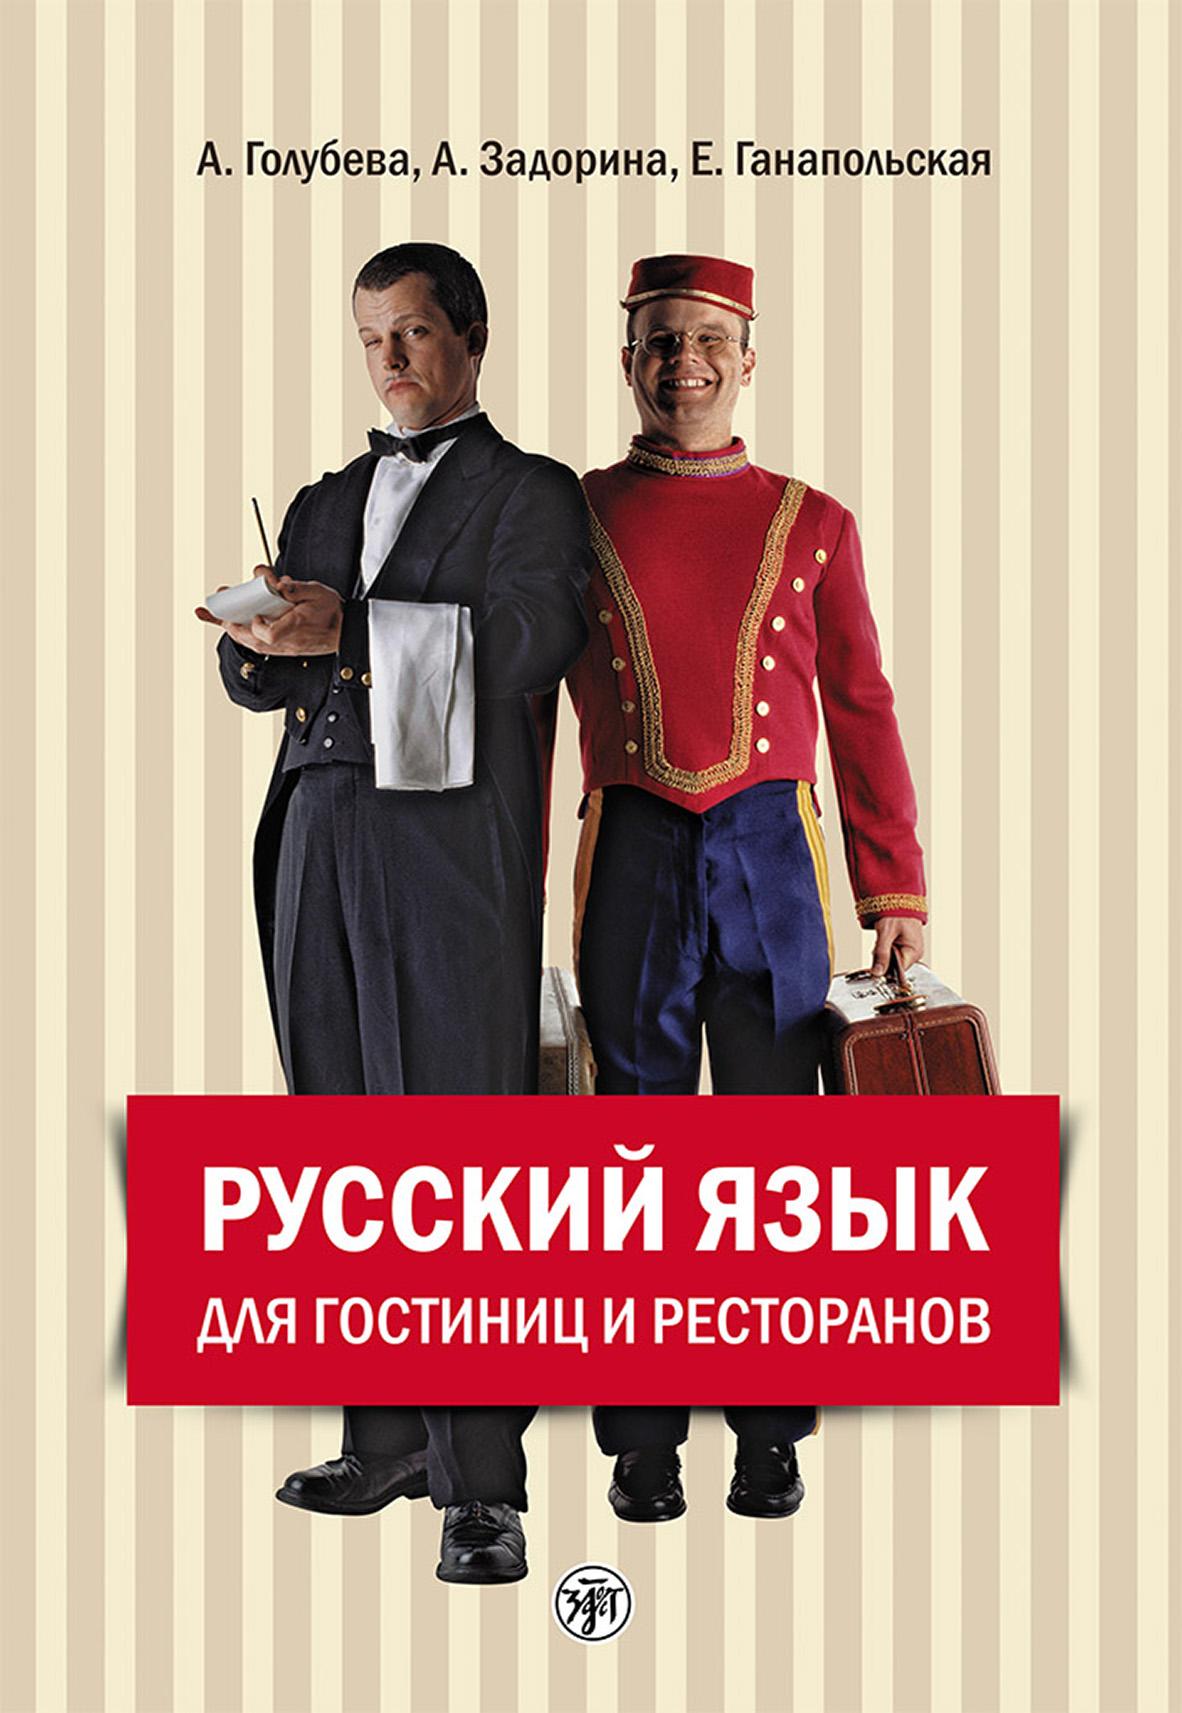 Русский язык для гостиниц и ресторанов (начальный курс)